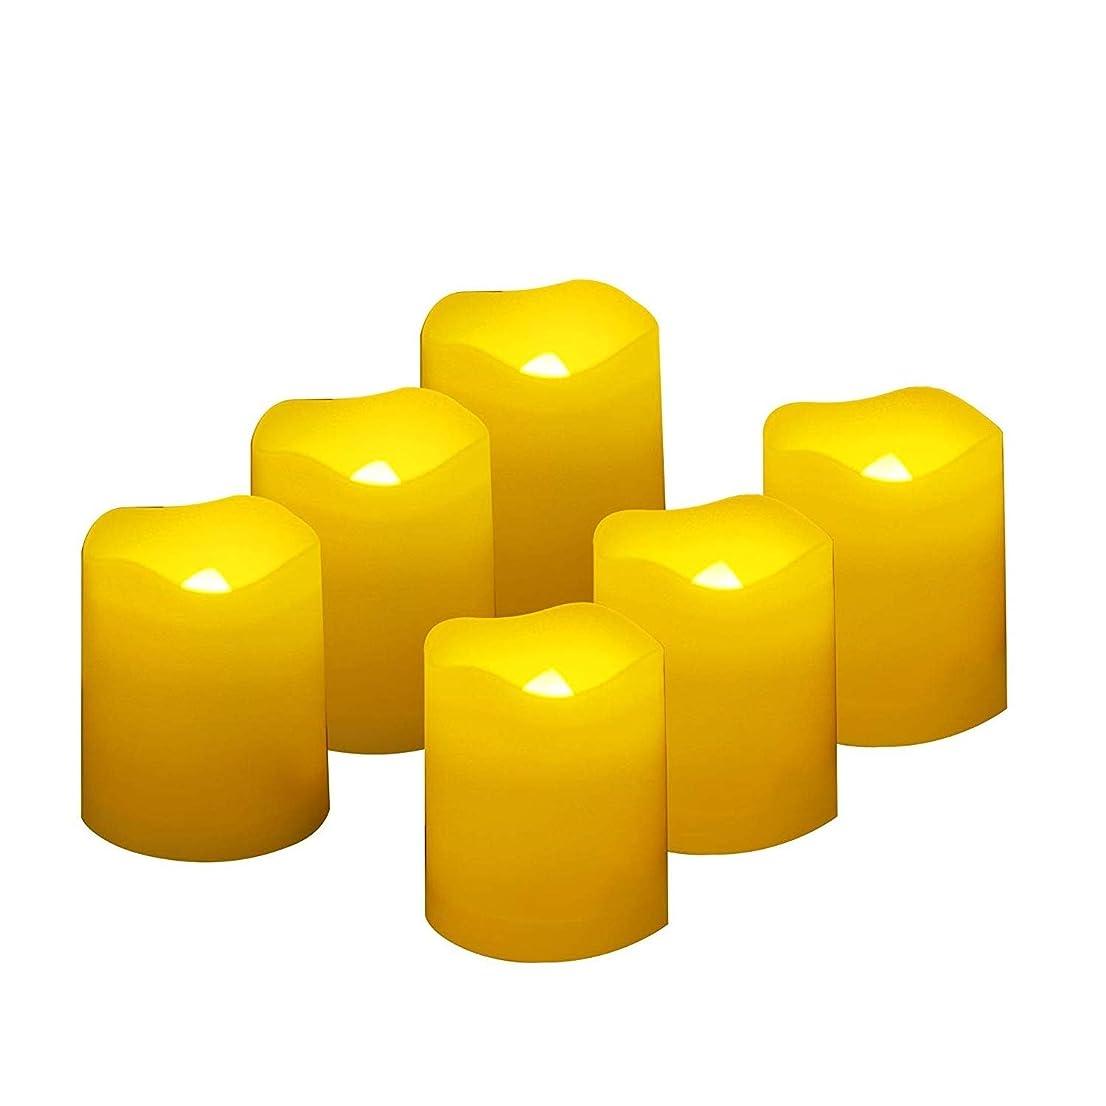 過去メトリック一致Flameless LED Votive Candles withタイマー?–?リアルなちらつきバッテリーOperated Poweredキャンドルby qidea、電気キャンドル、サイズ1.5?